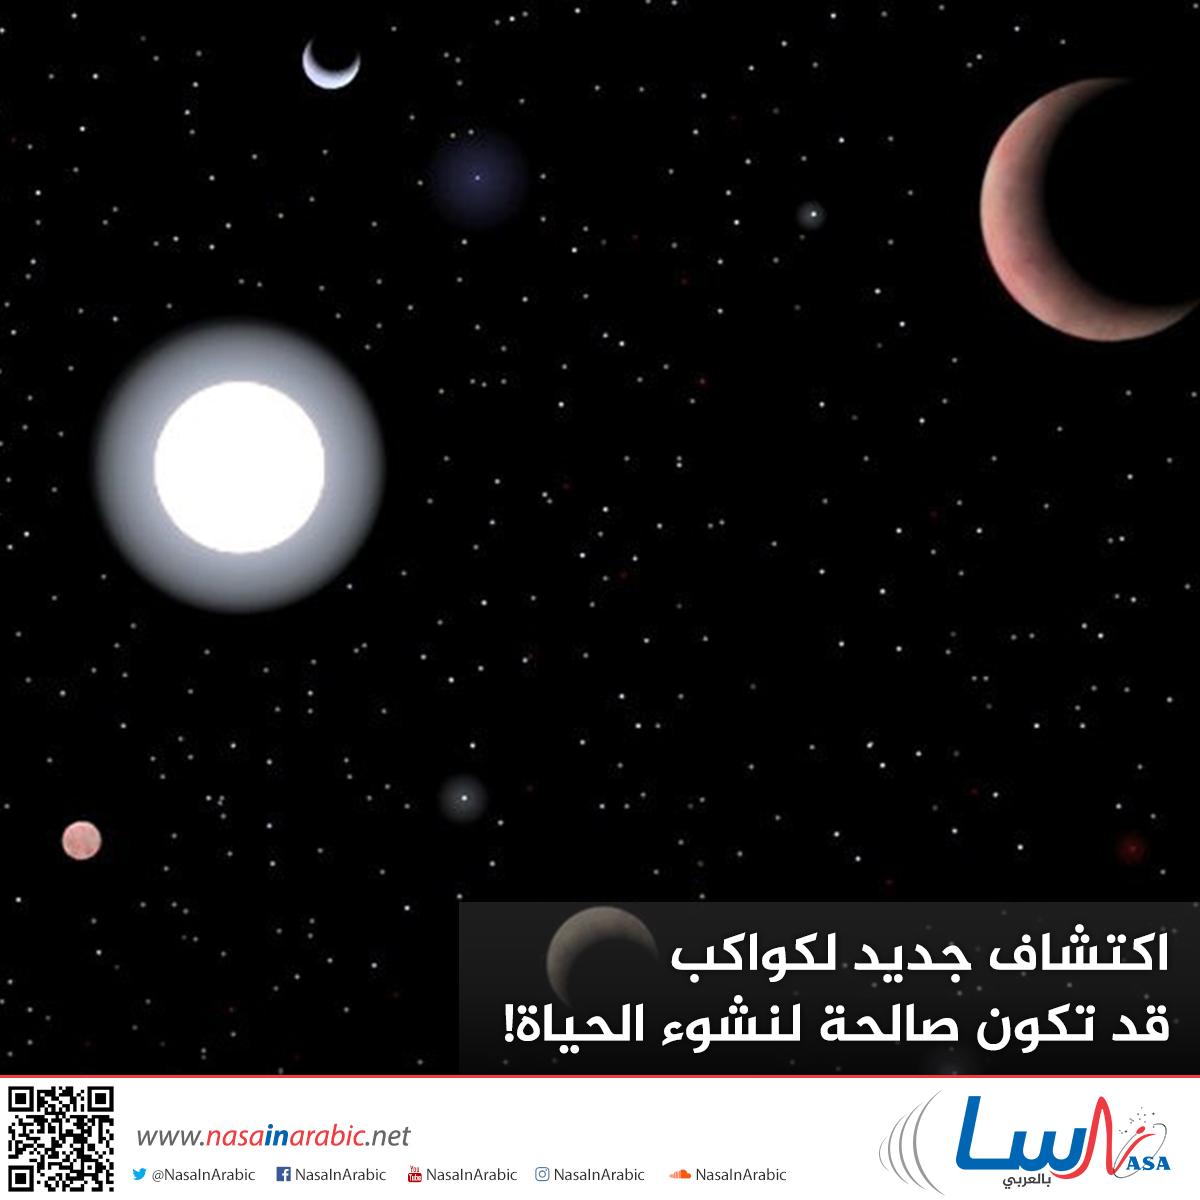 اكتشاف جديد لكواكب قد تكون صالحة لنشوء الحياة!